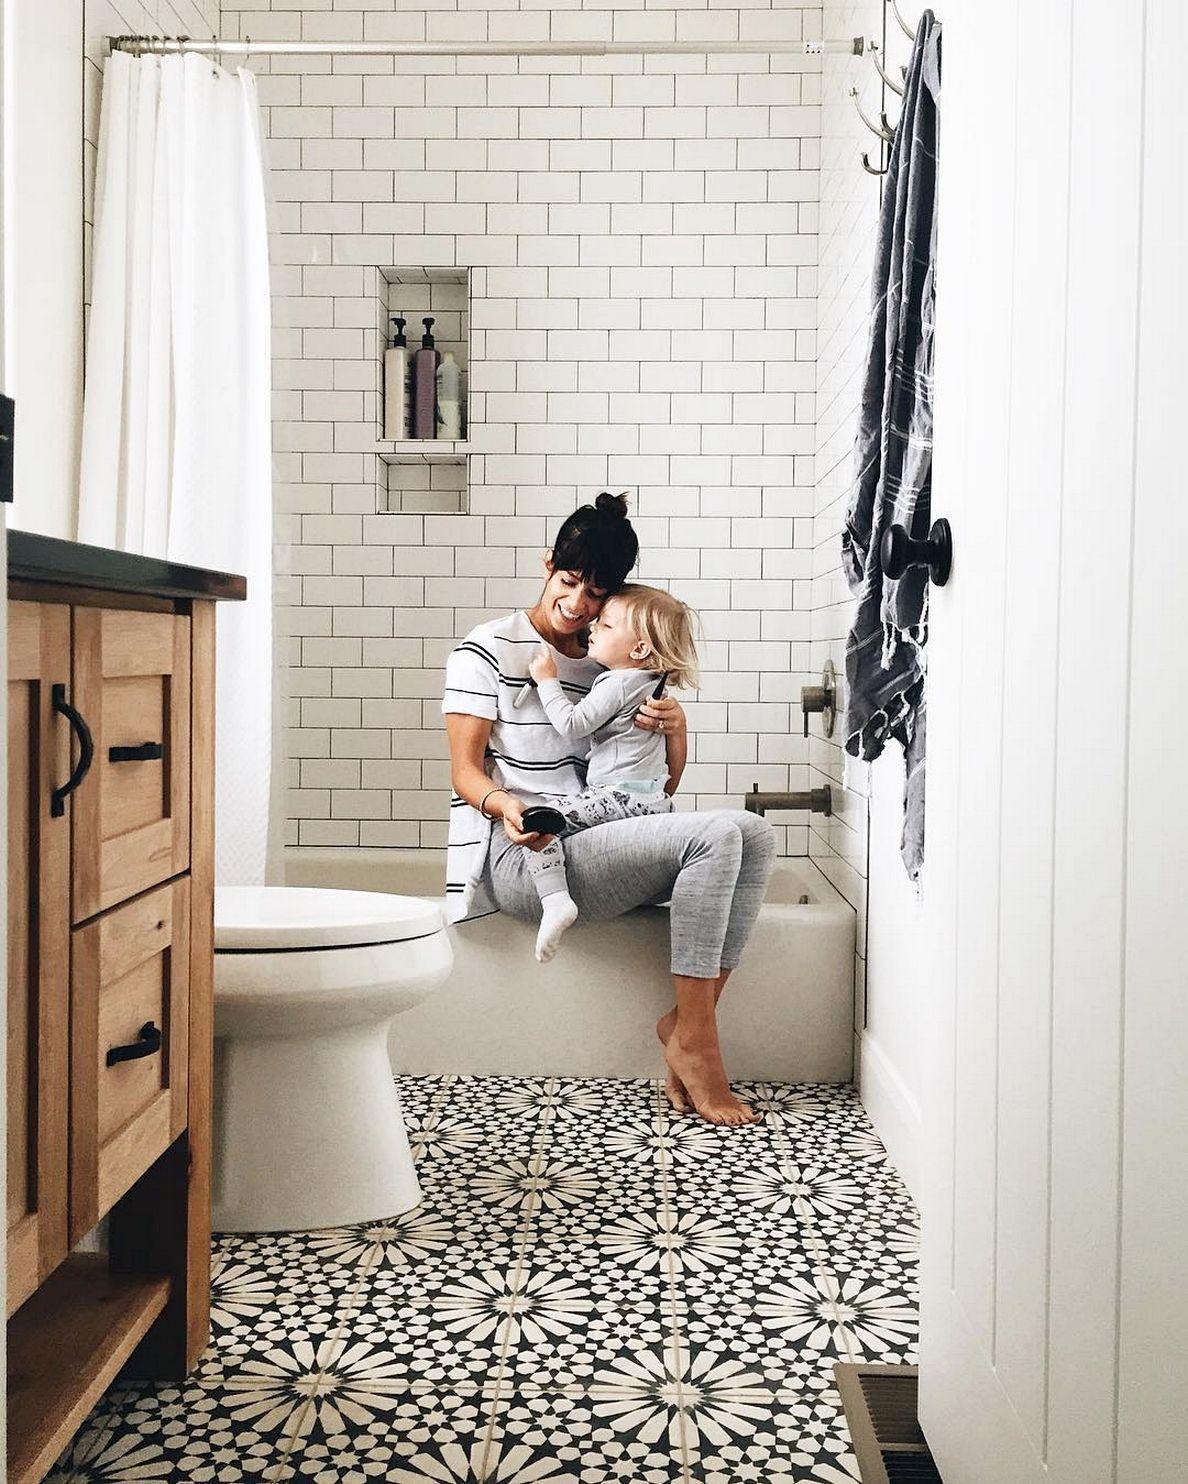 75 bathroom tiles ideas for small bathrooms tile ideas bathroom 75 bathroom tiles ideas for small bathrooms